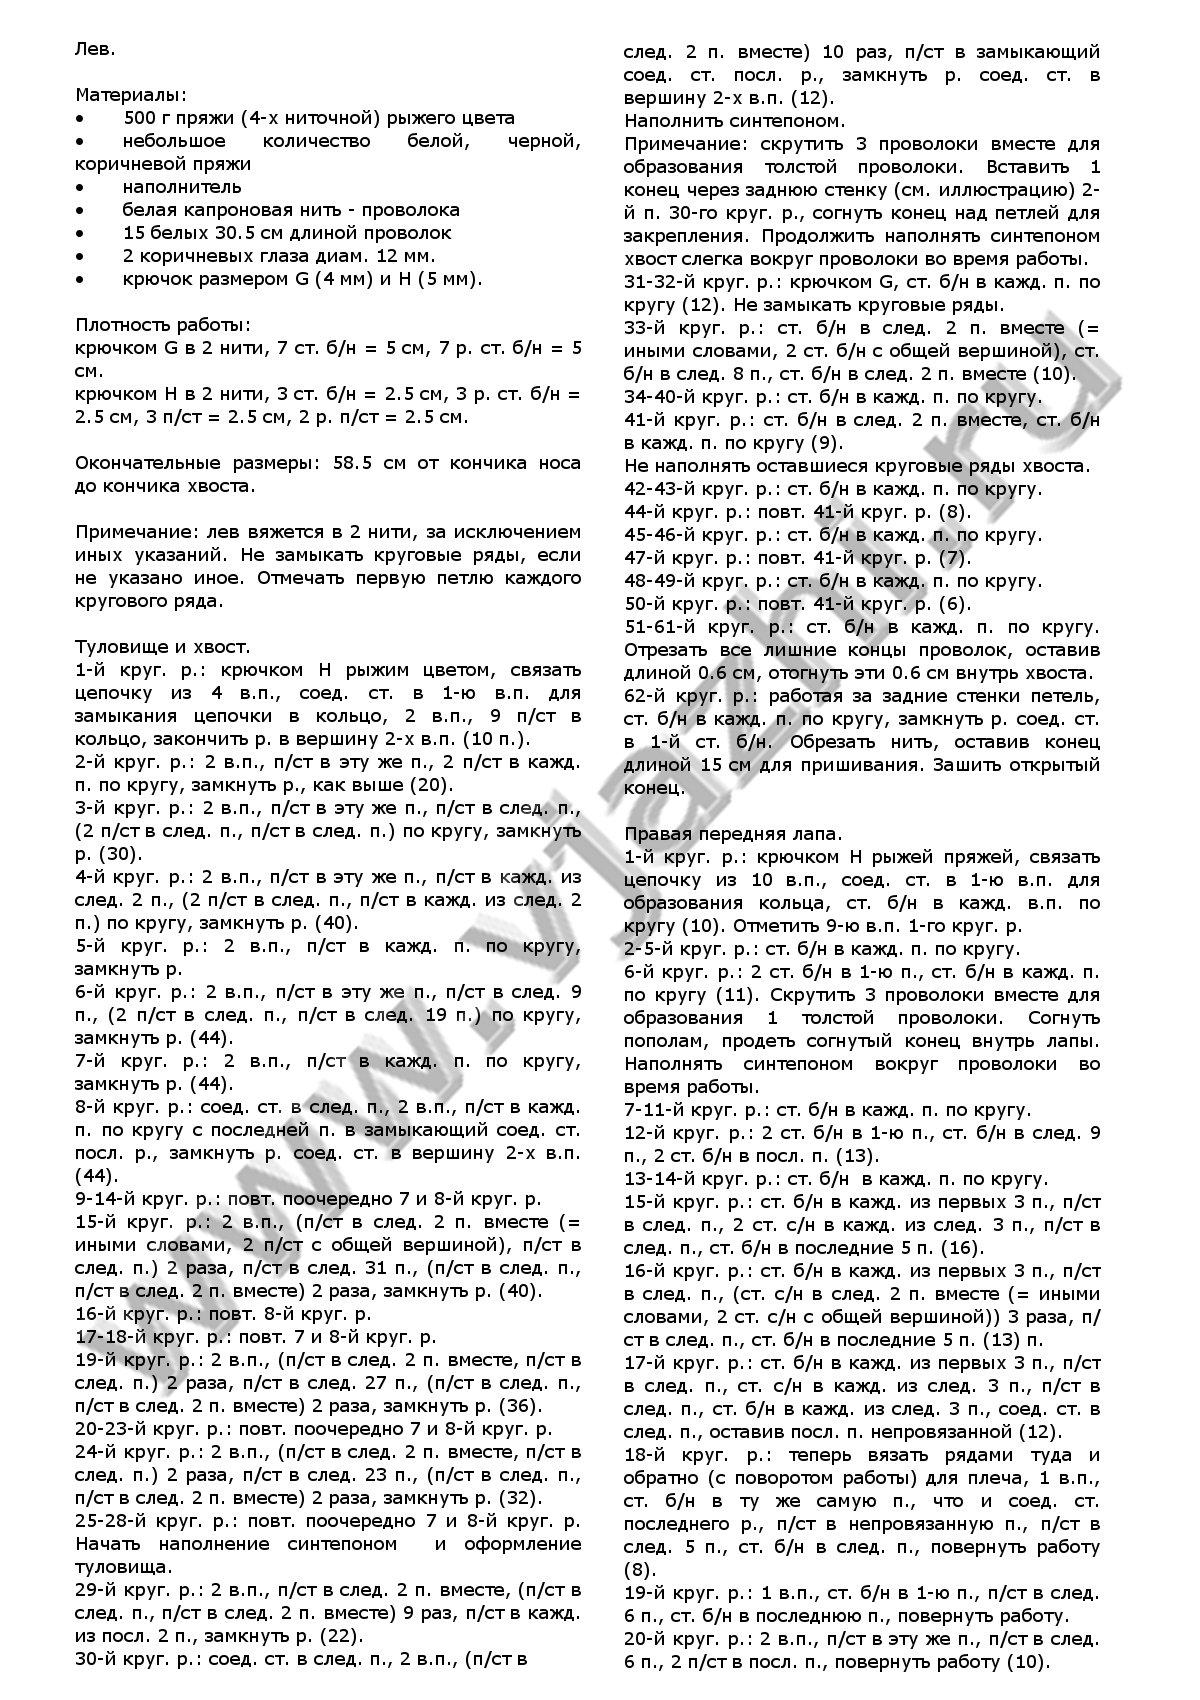 Амигуруми: схемы вязания Смотрите бесплатно онлайн 92